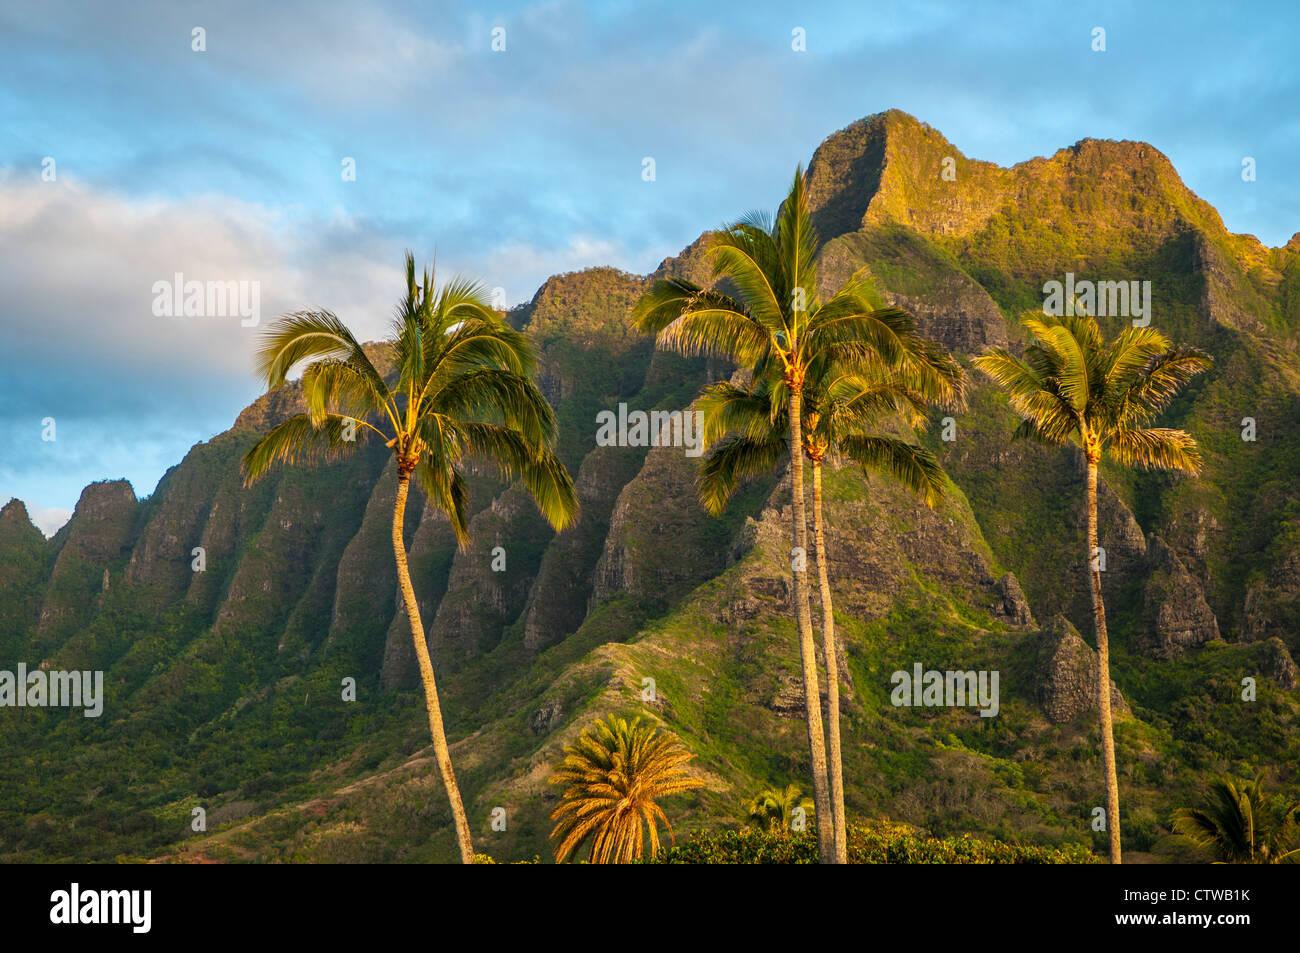 The spectacular ridges of Mo'o Kapu O Haloa, Kualoa, Oahu, Hawaii - Stock Image